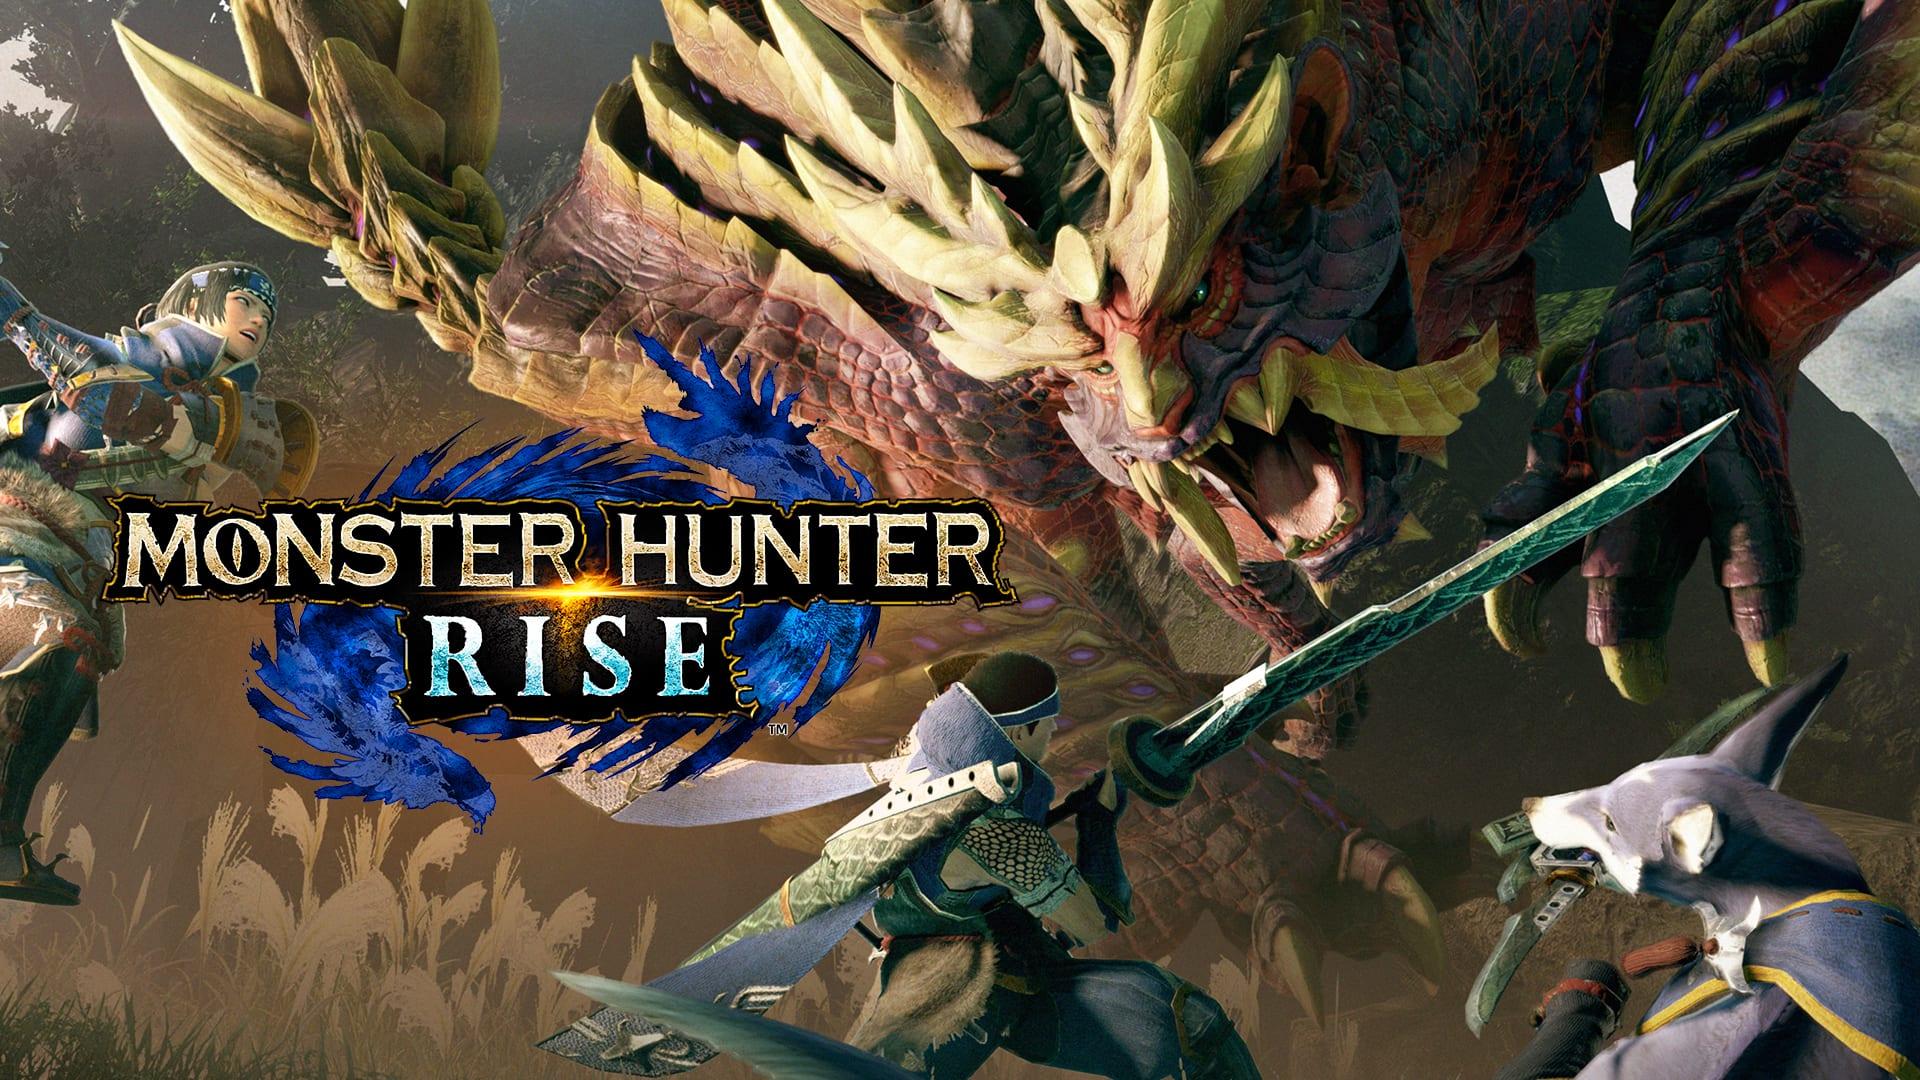 holster, sheath, weapon, monster hunter rise